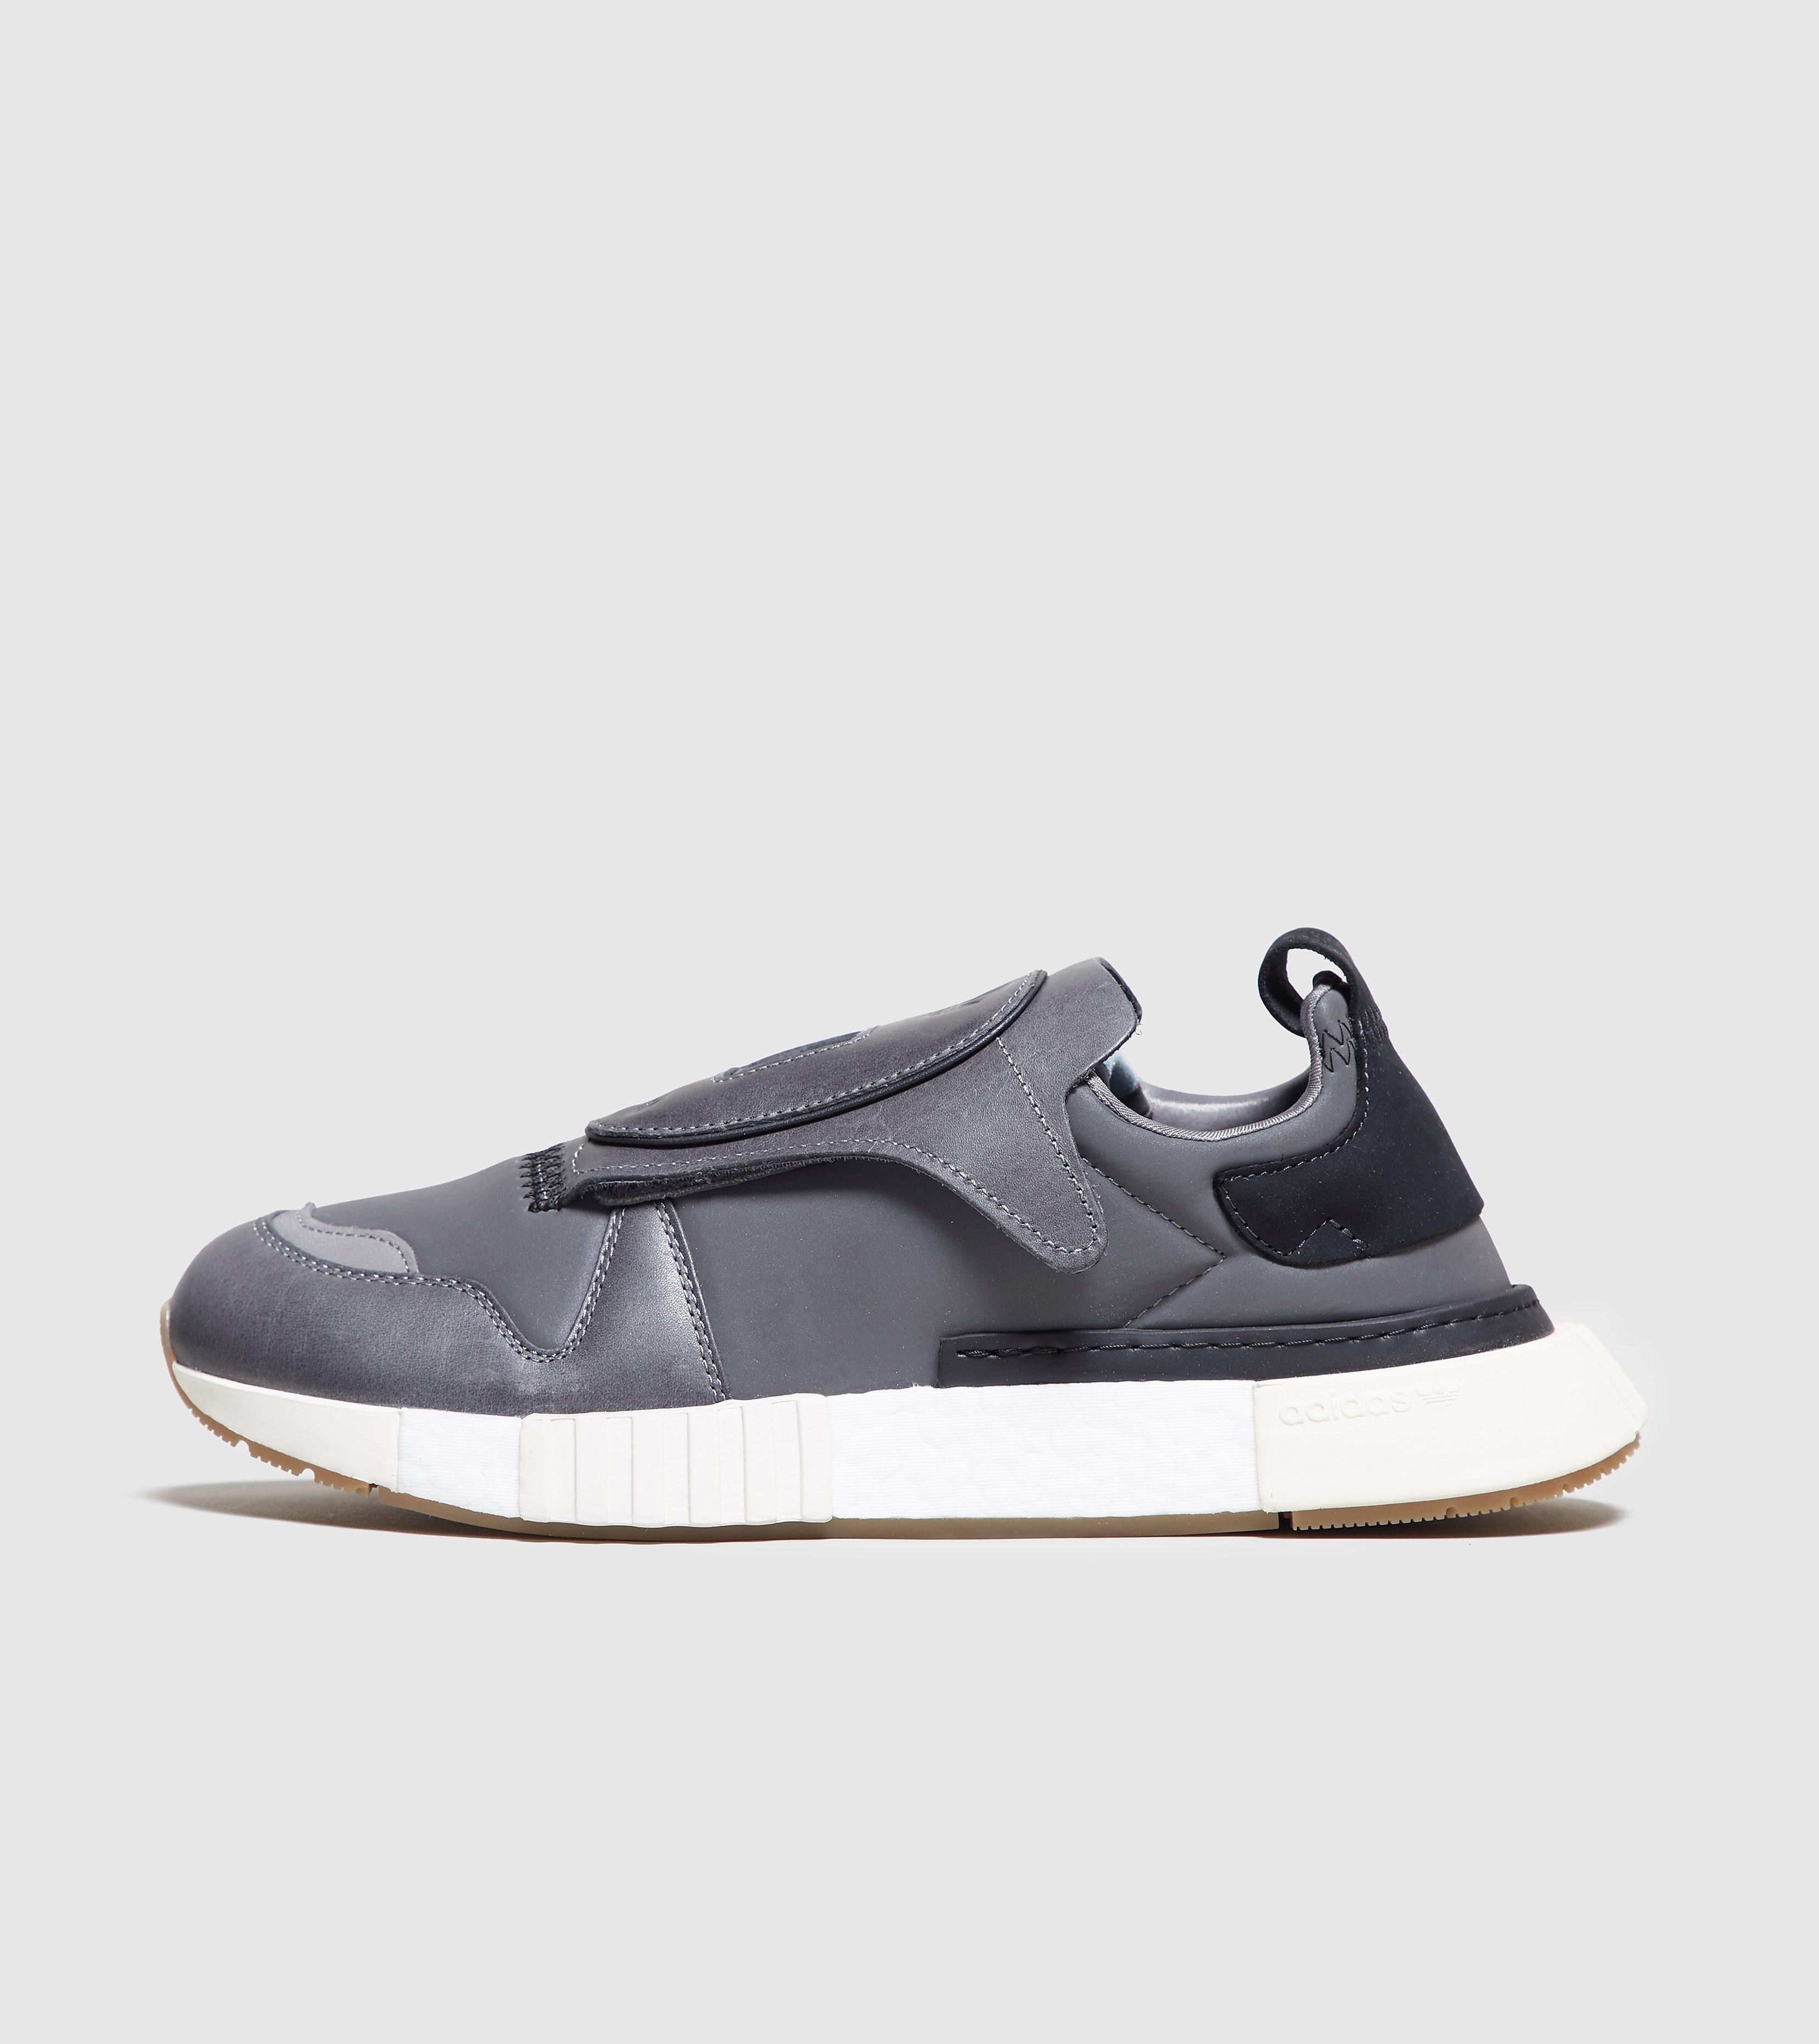 adidas Originals FuturePacer, Beige